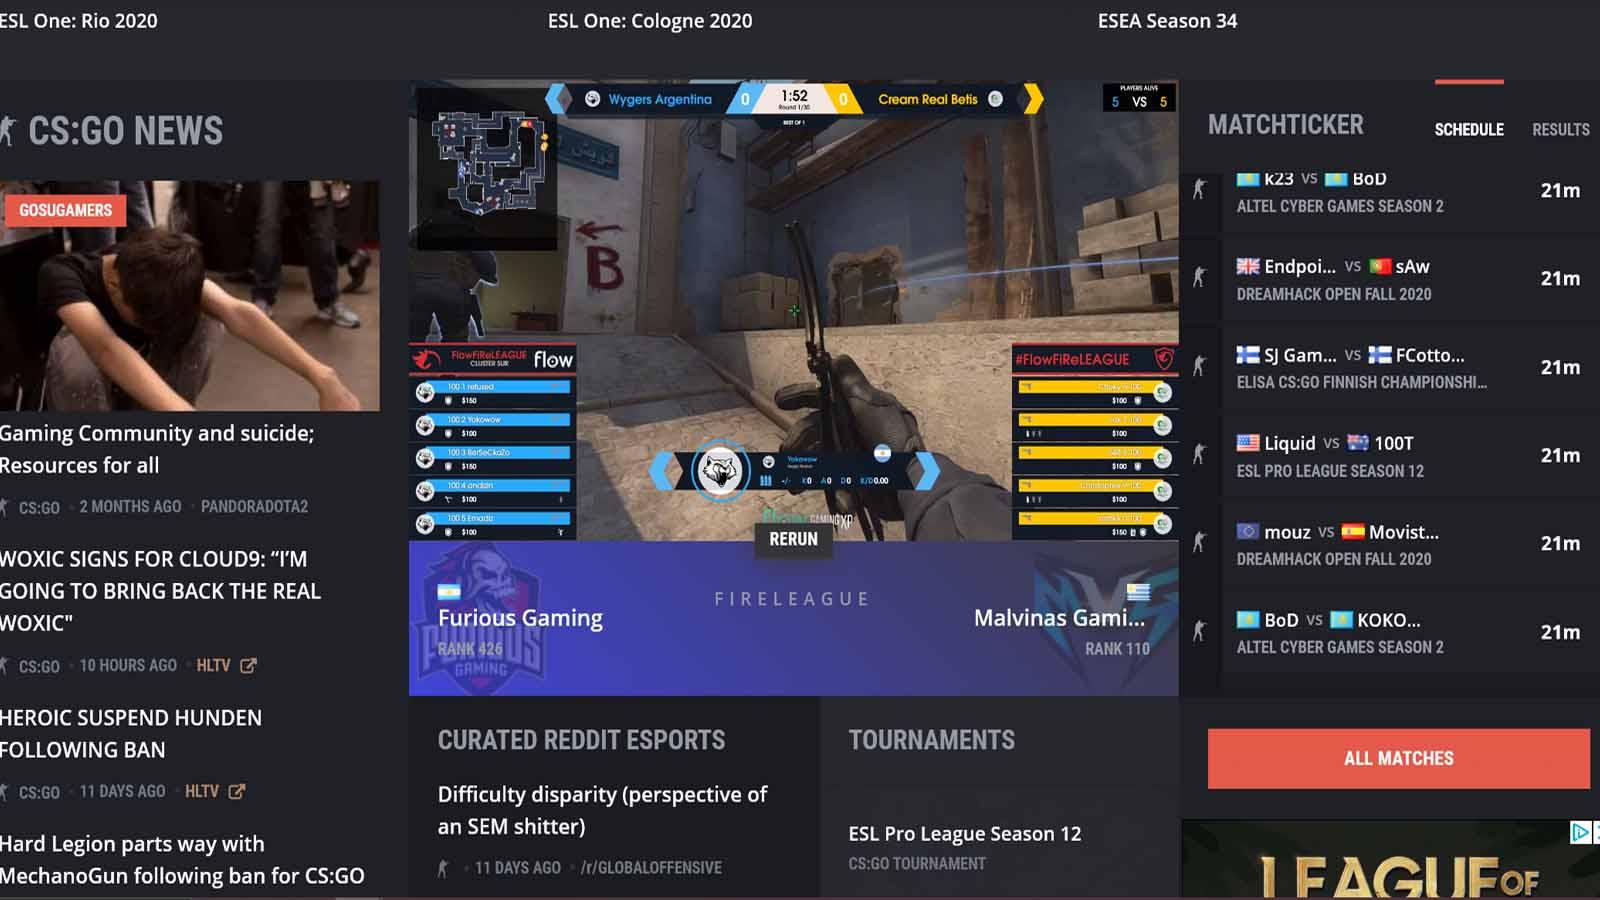 gosugamers livestreaming platform